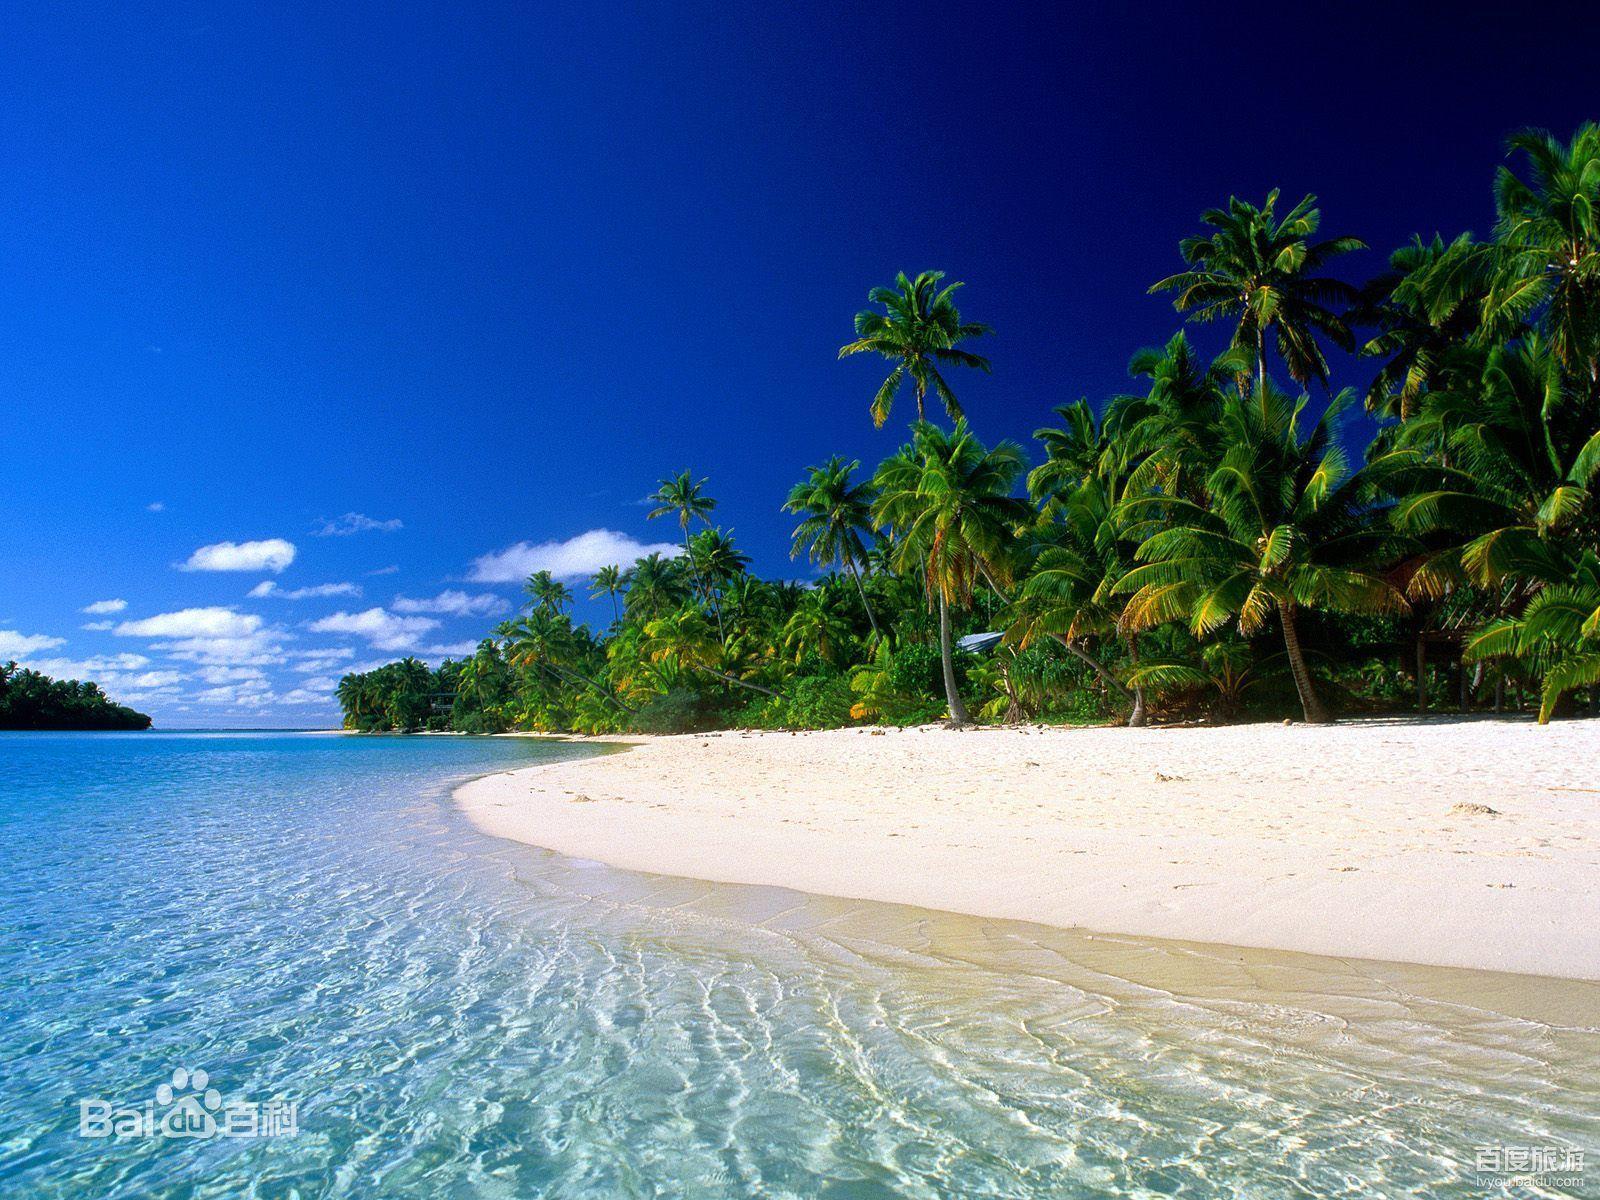 库克群岛概况 库克群岛人口、面积、重要节日一览